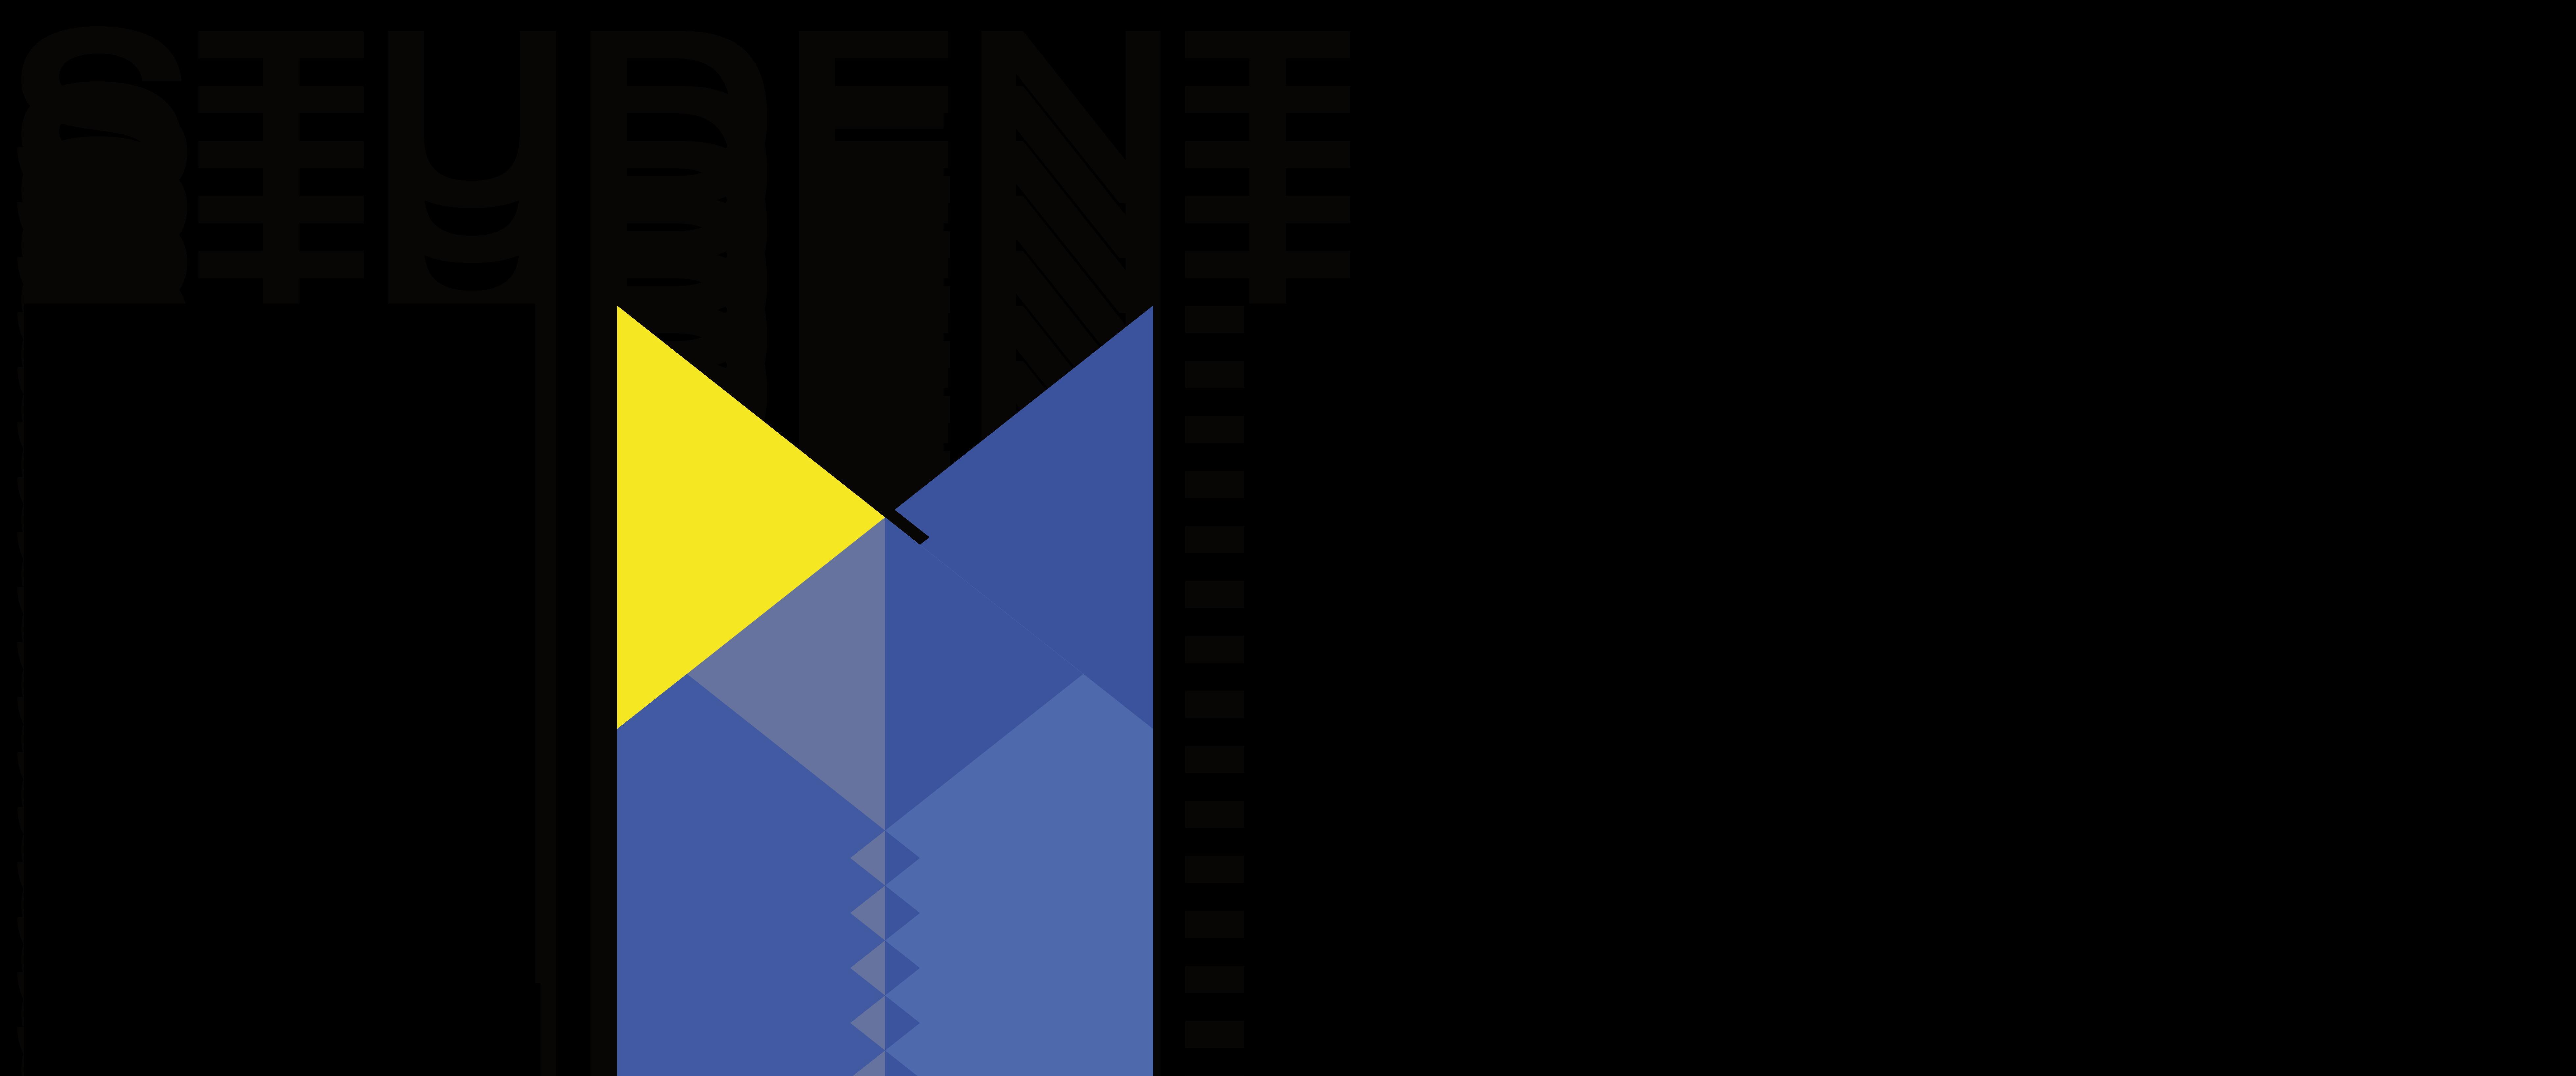 logo X poziom duze